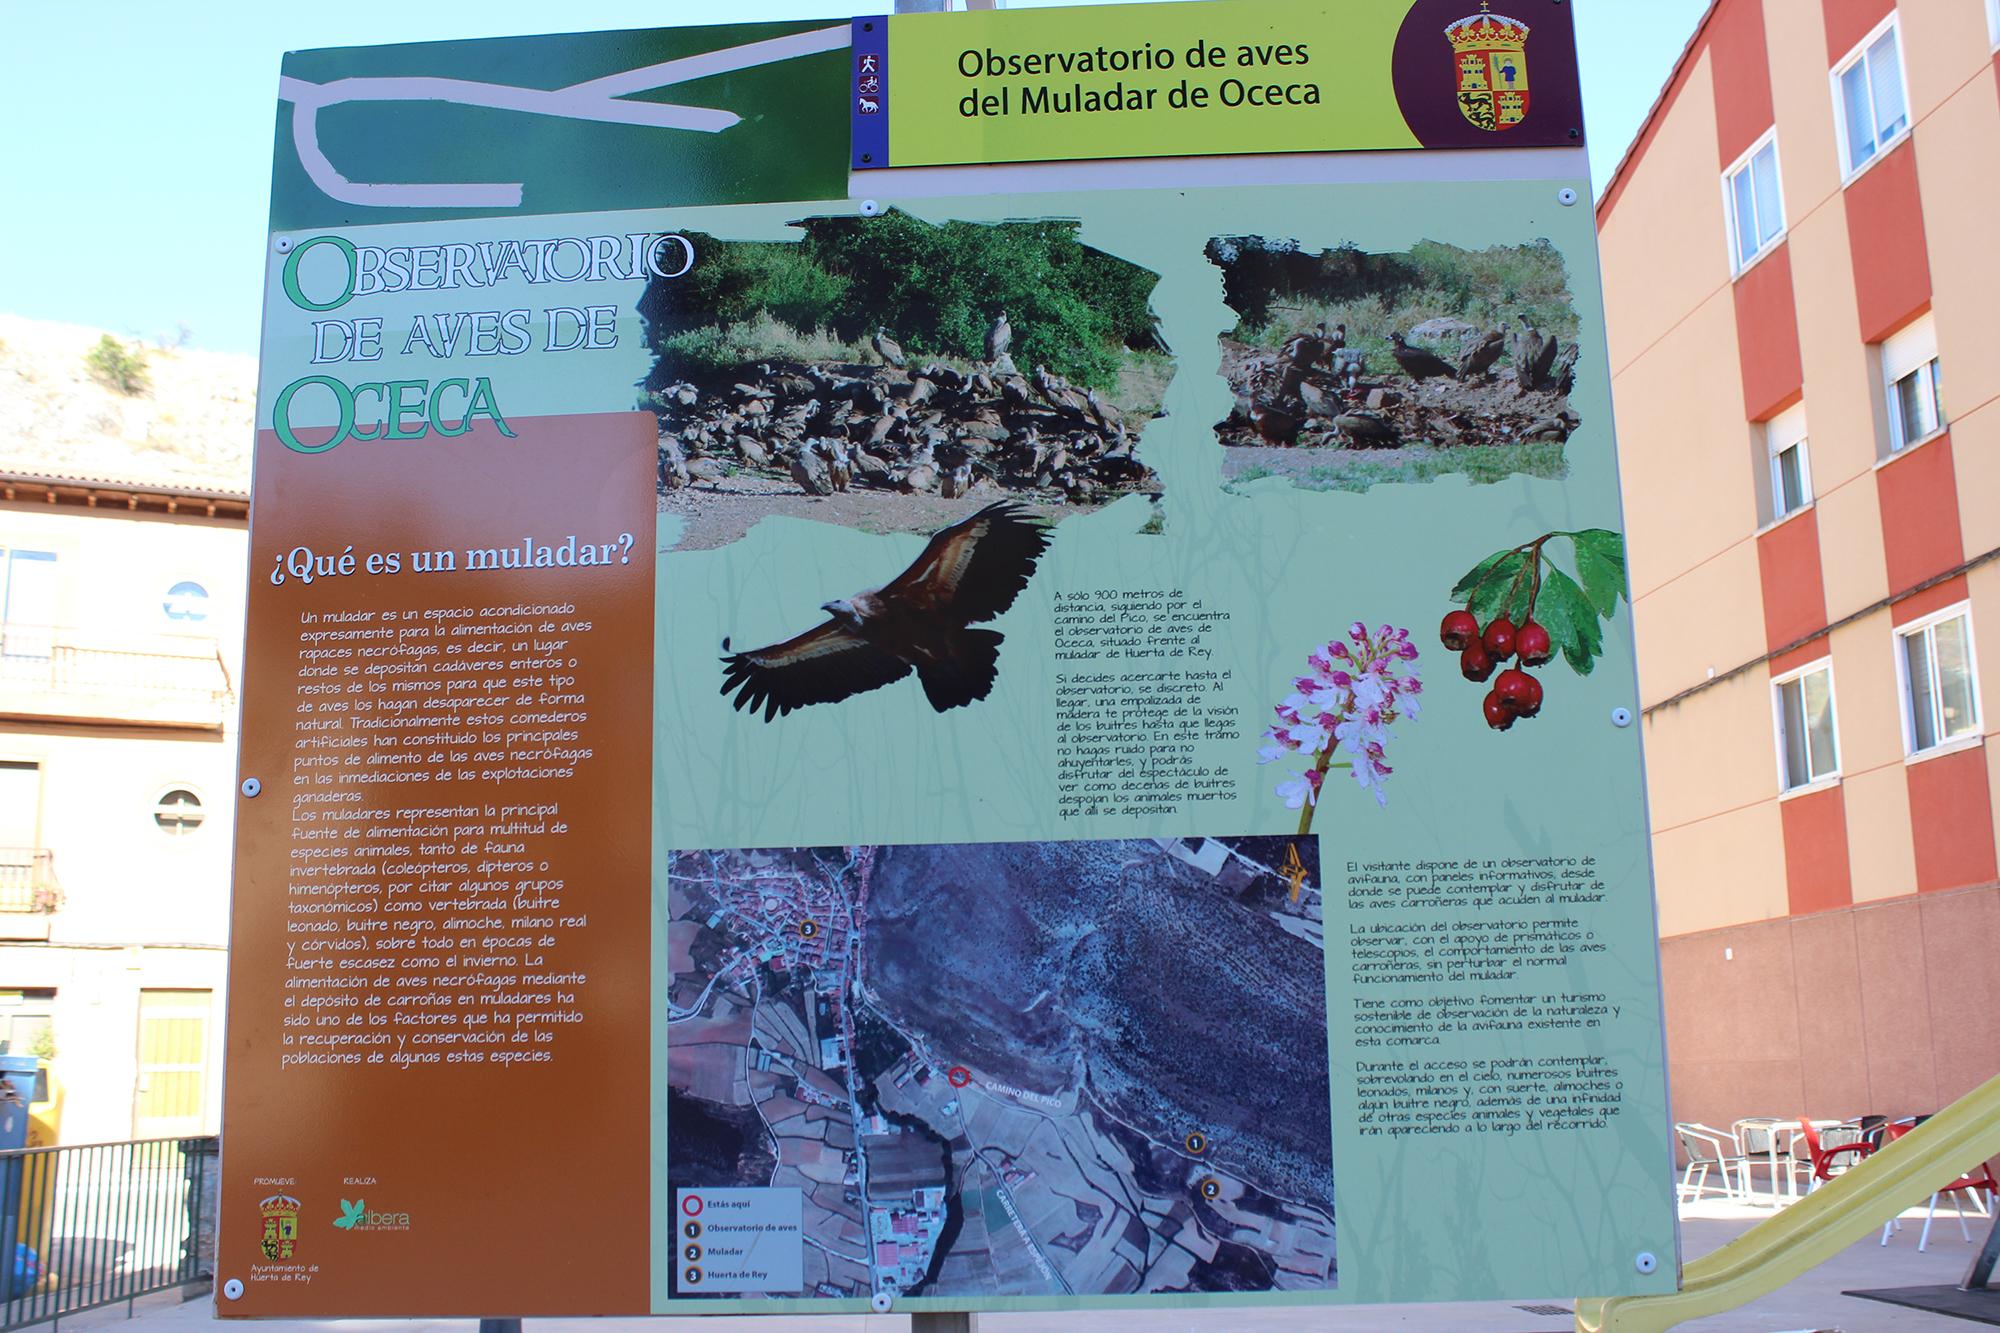 muladar mirador aves huerta de rey burgos